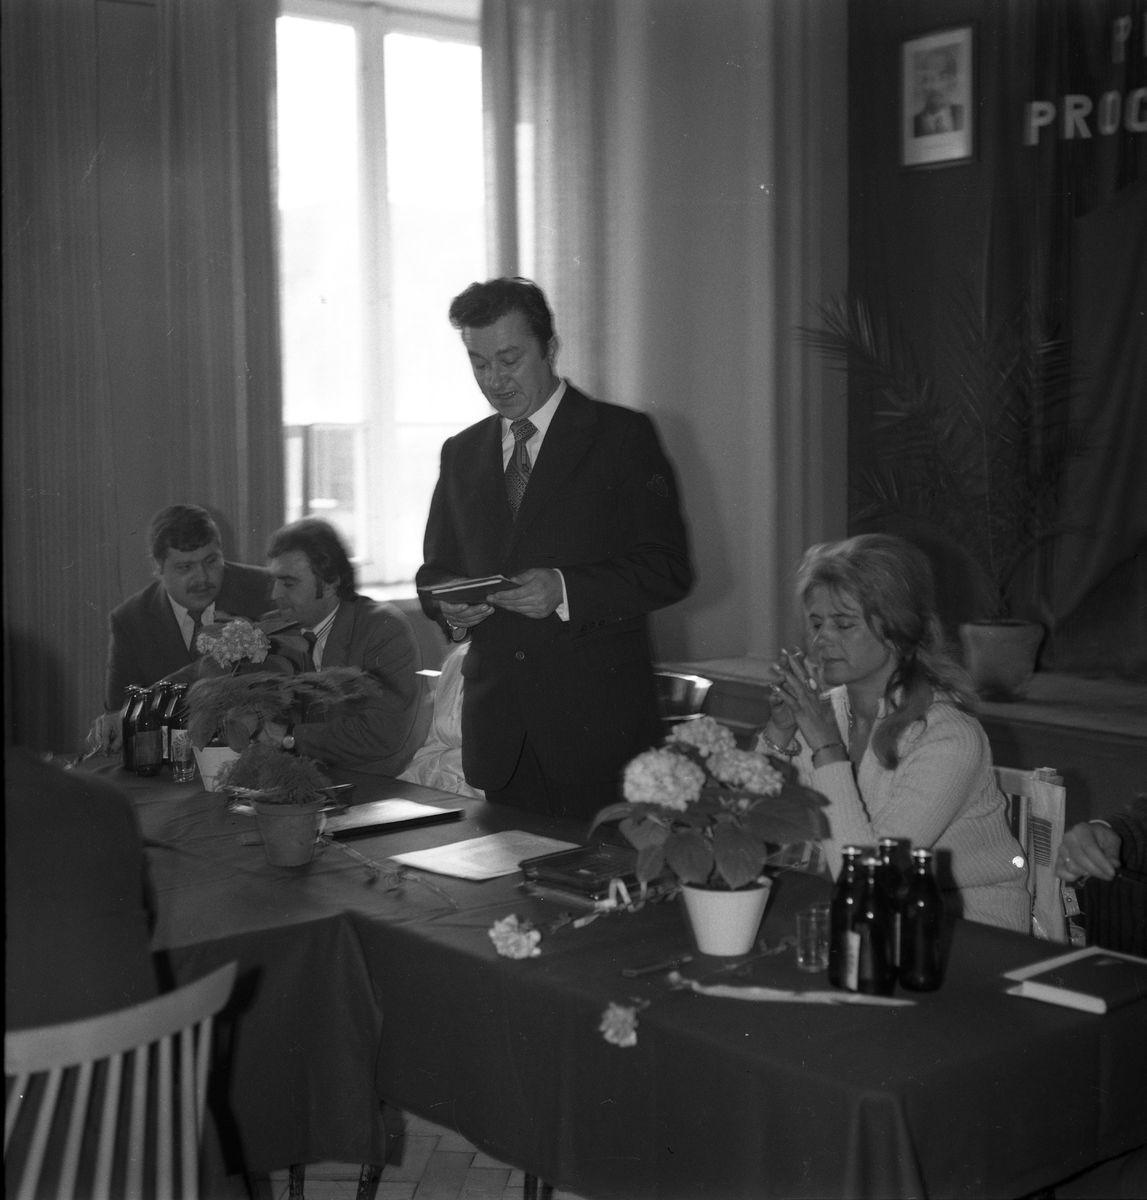 Zebranie partyjne PZPR w Zakładach Rybnych, 1975 r. [4]